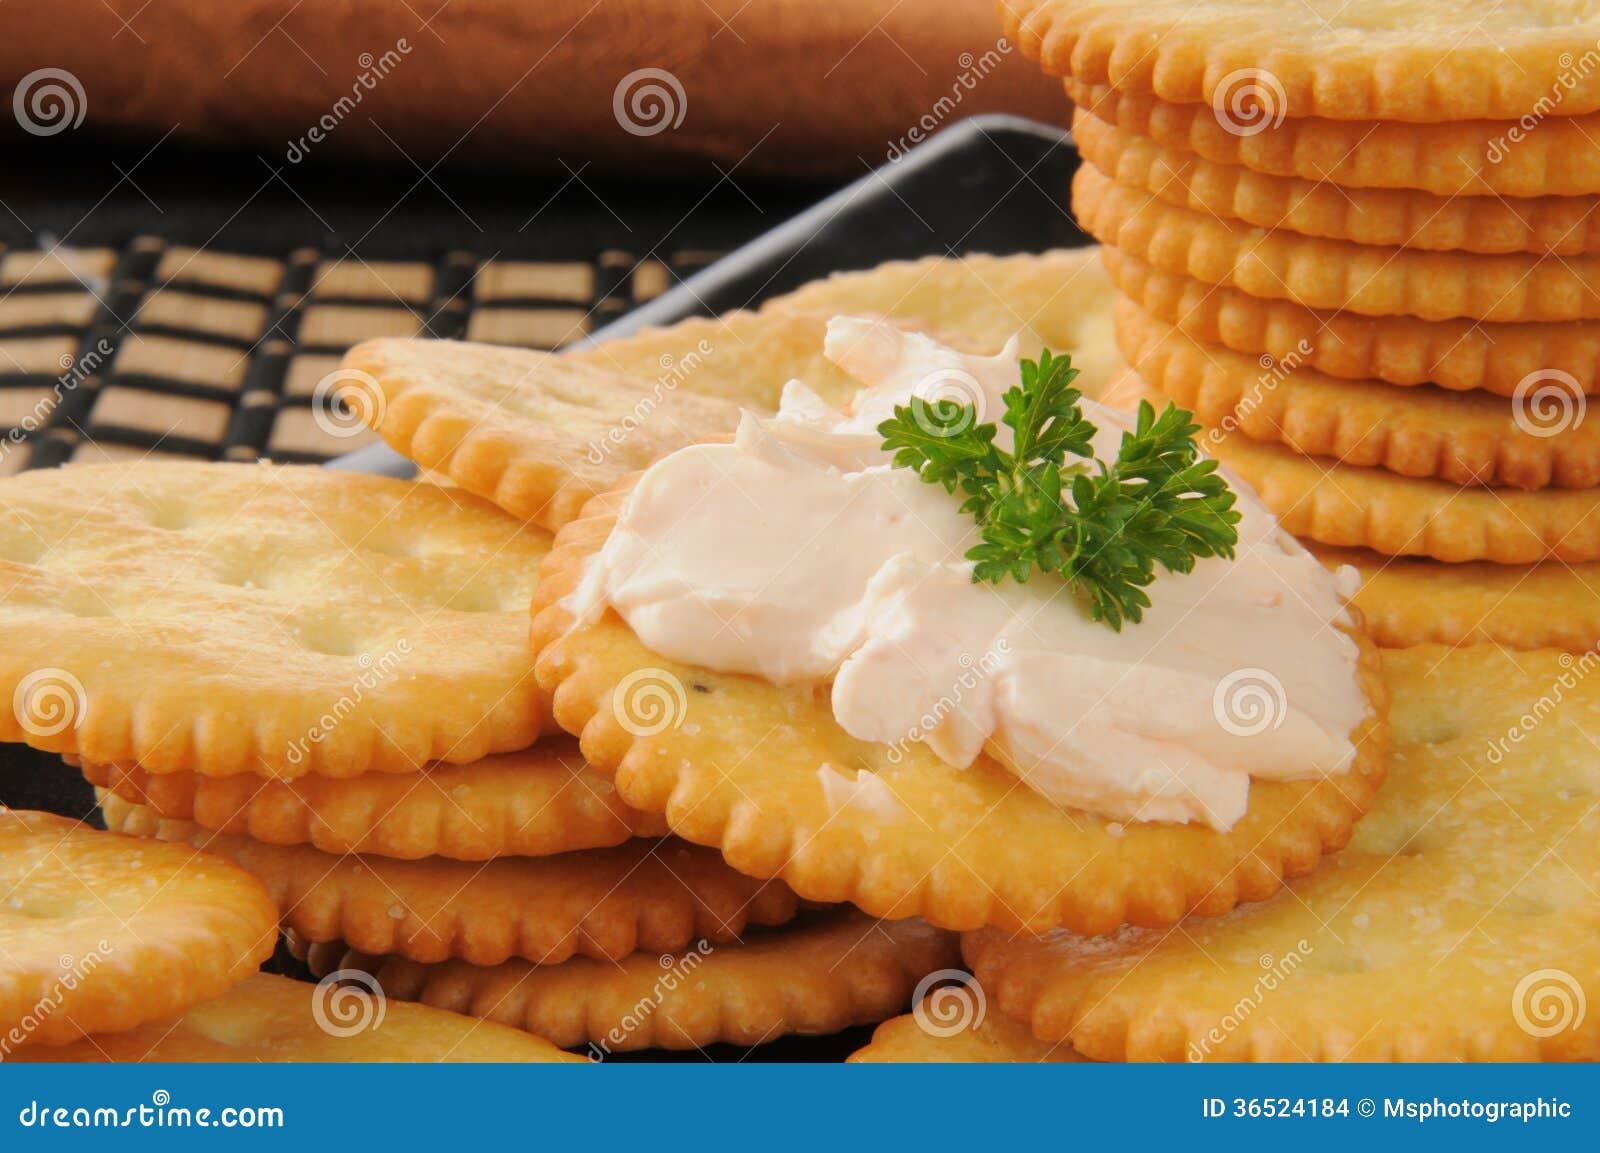 Fromage fondu saumoné sur des biscuits